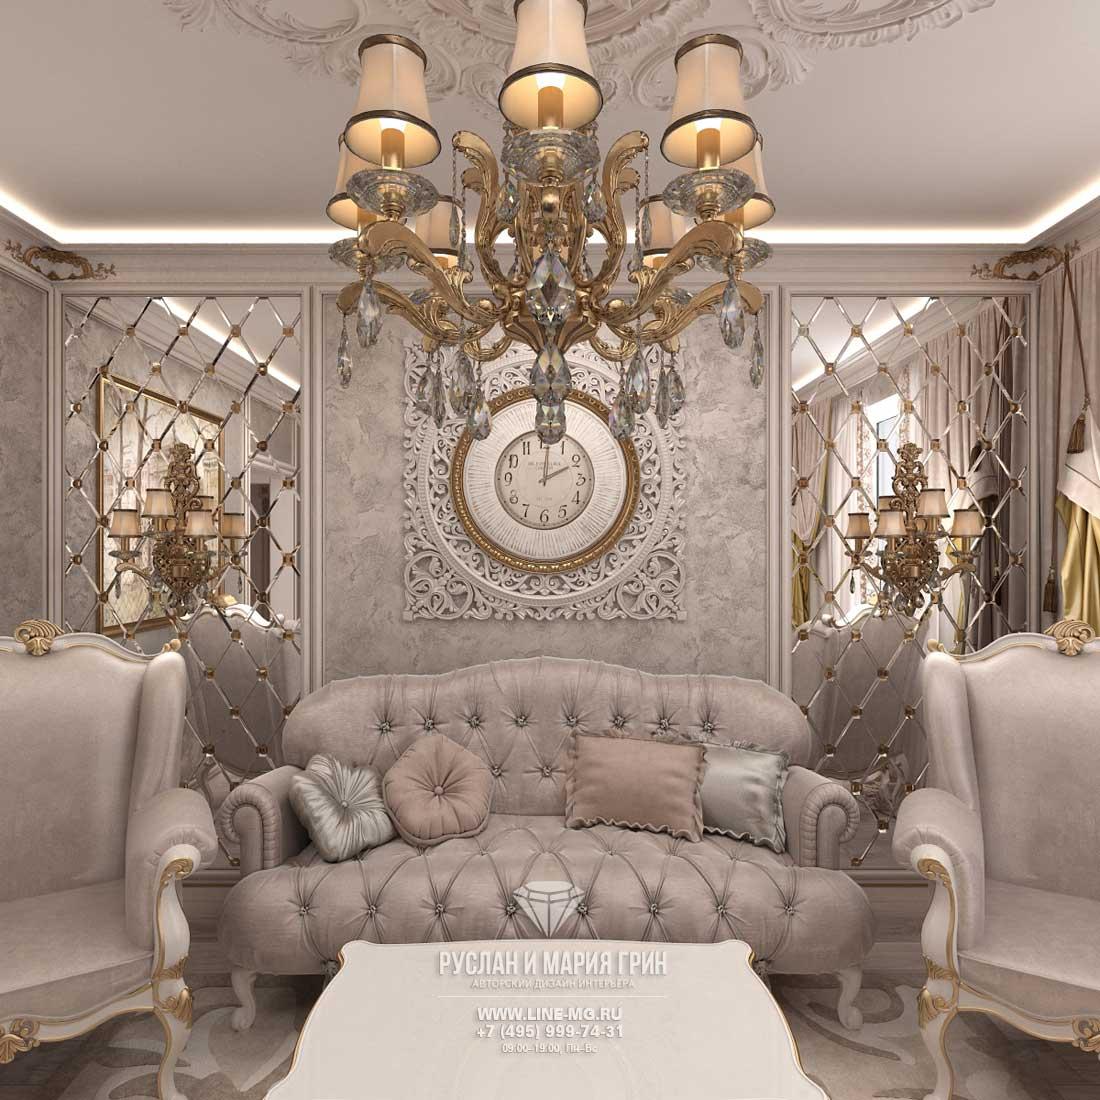 Дизайн красивой квартиры. Фото интерьера гостиной в классическом стиле